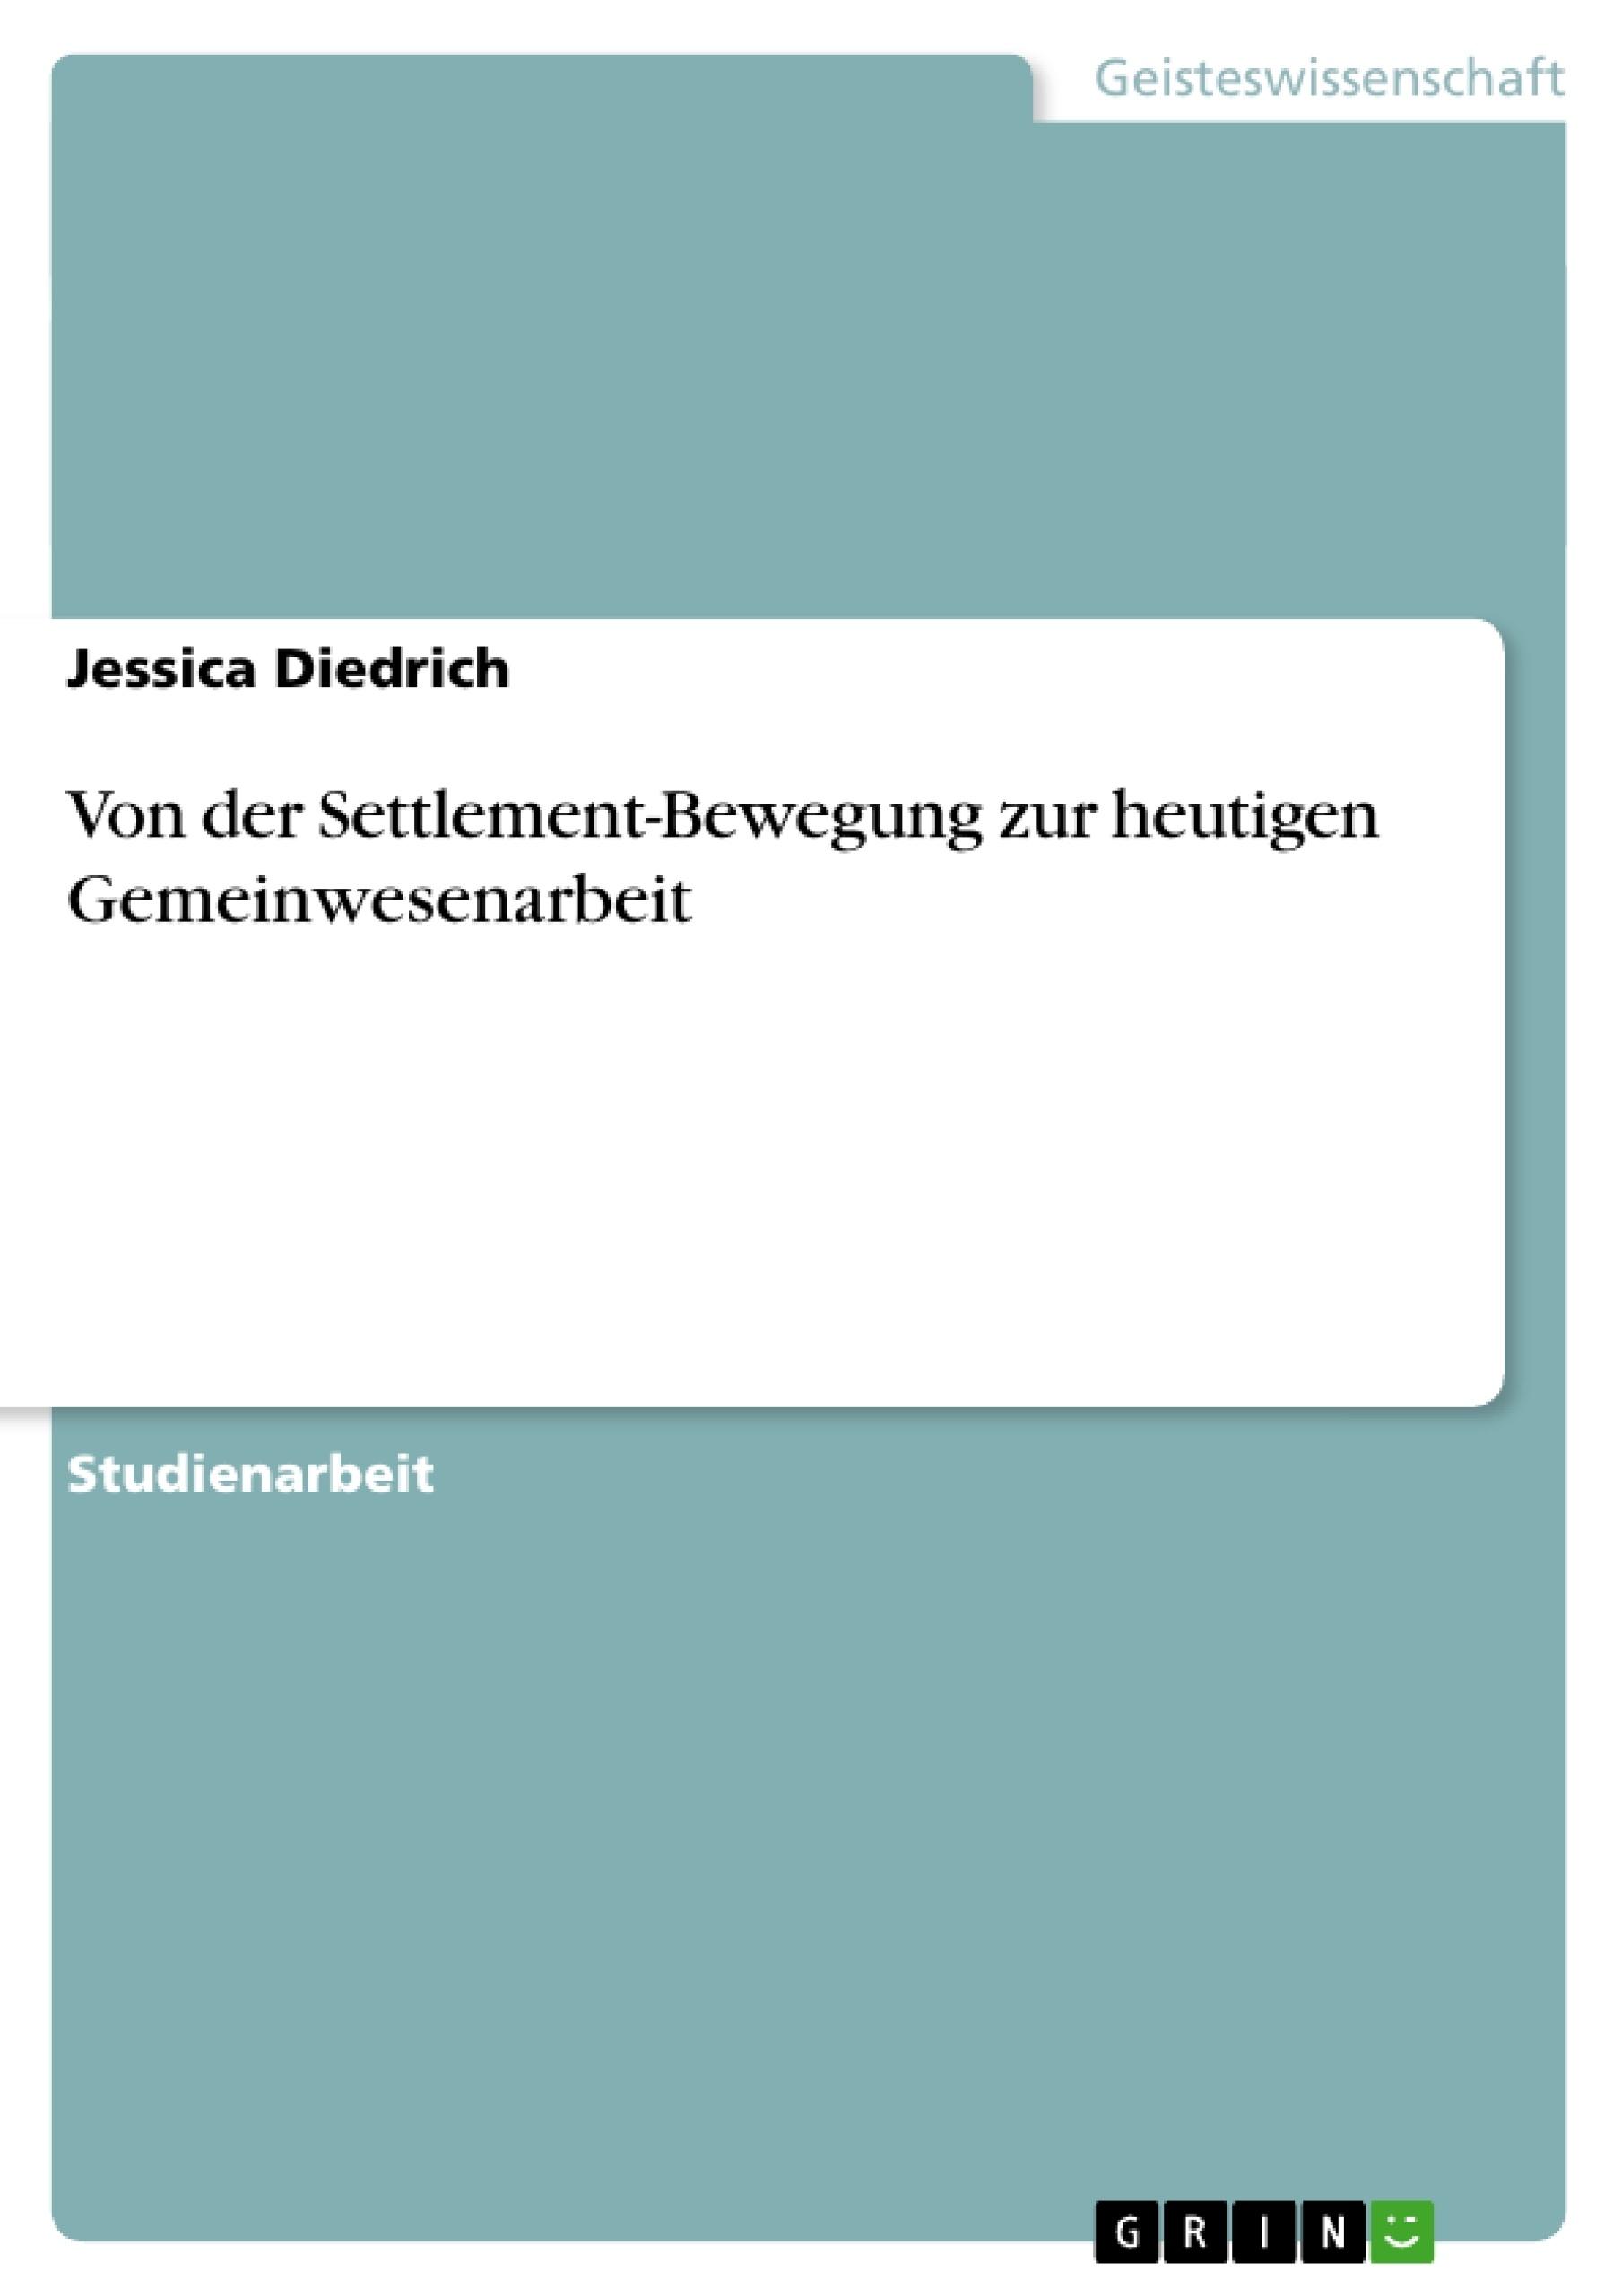 Titel: Von der Settlement-Bewegung zur heutigen Gemeinwesenarbeit